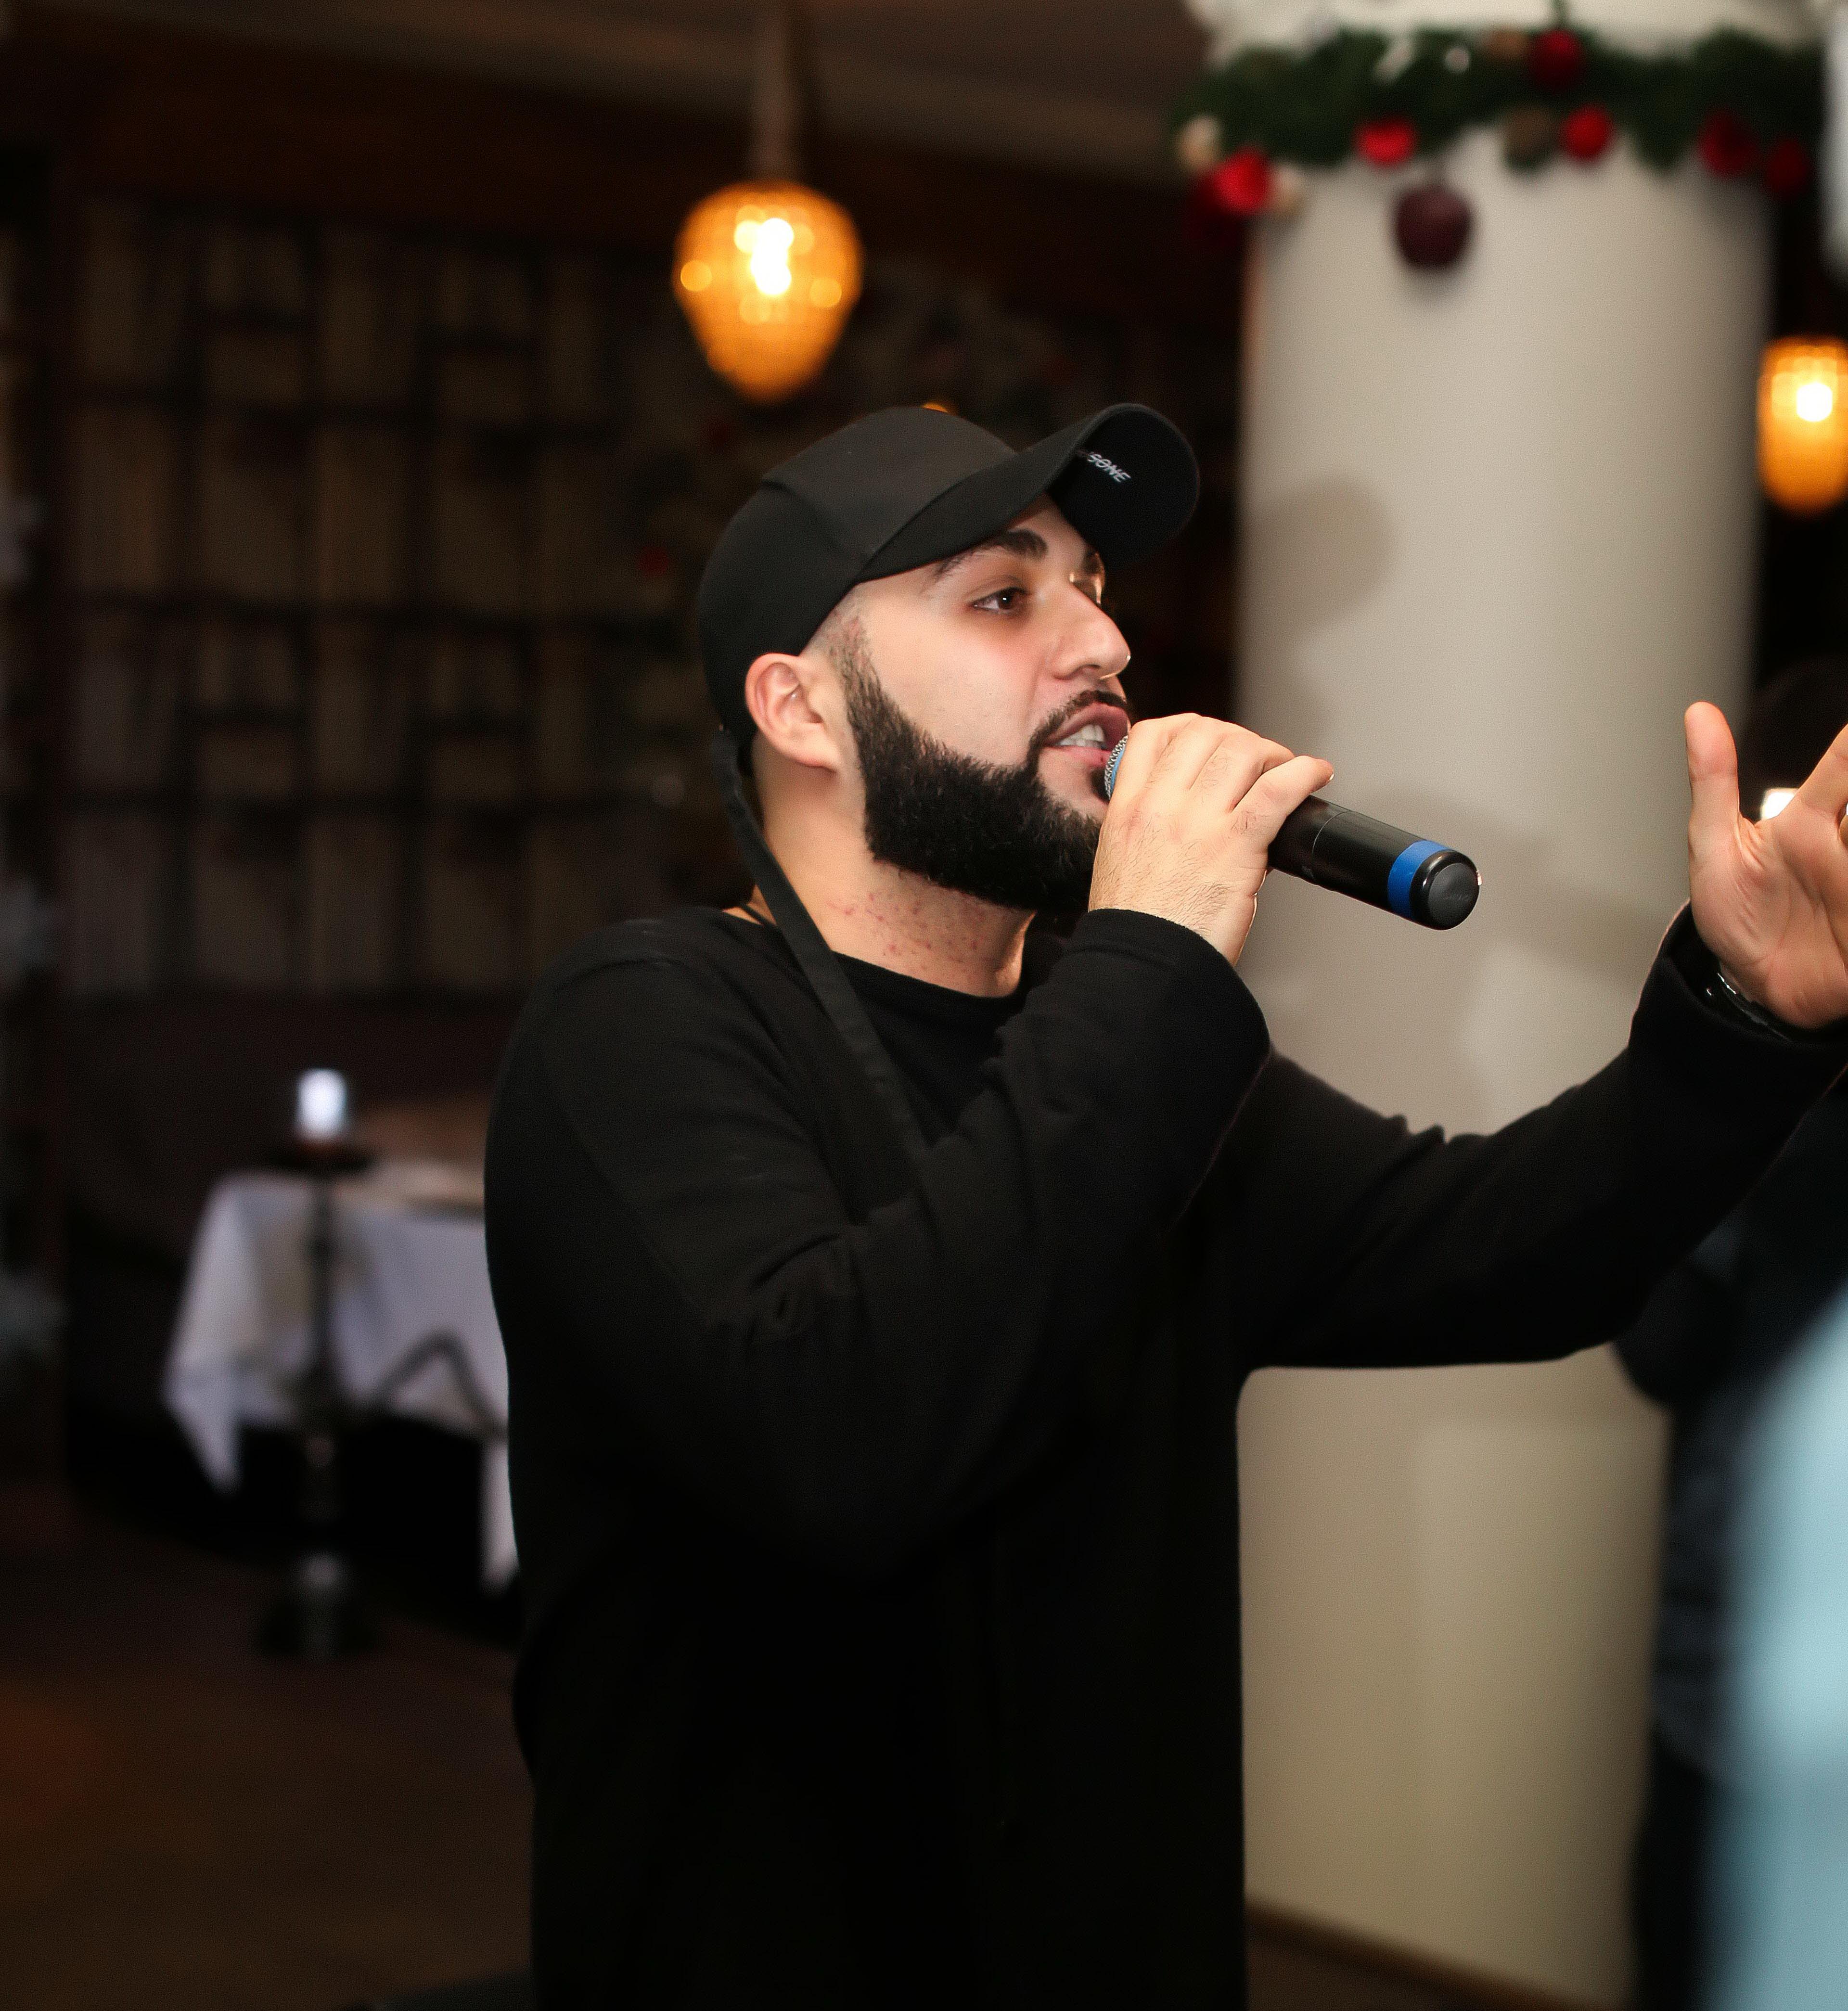 27 декабря в ресторане The Сад музыкант лейбла LF Pro Sha Man представил клип «Я люблю ее»